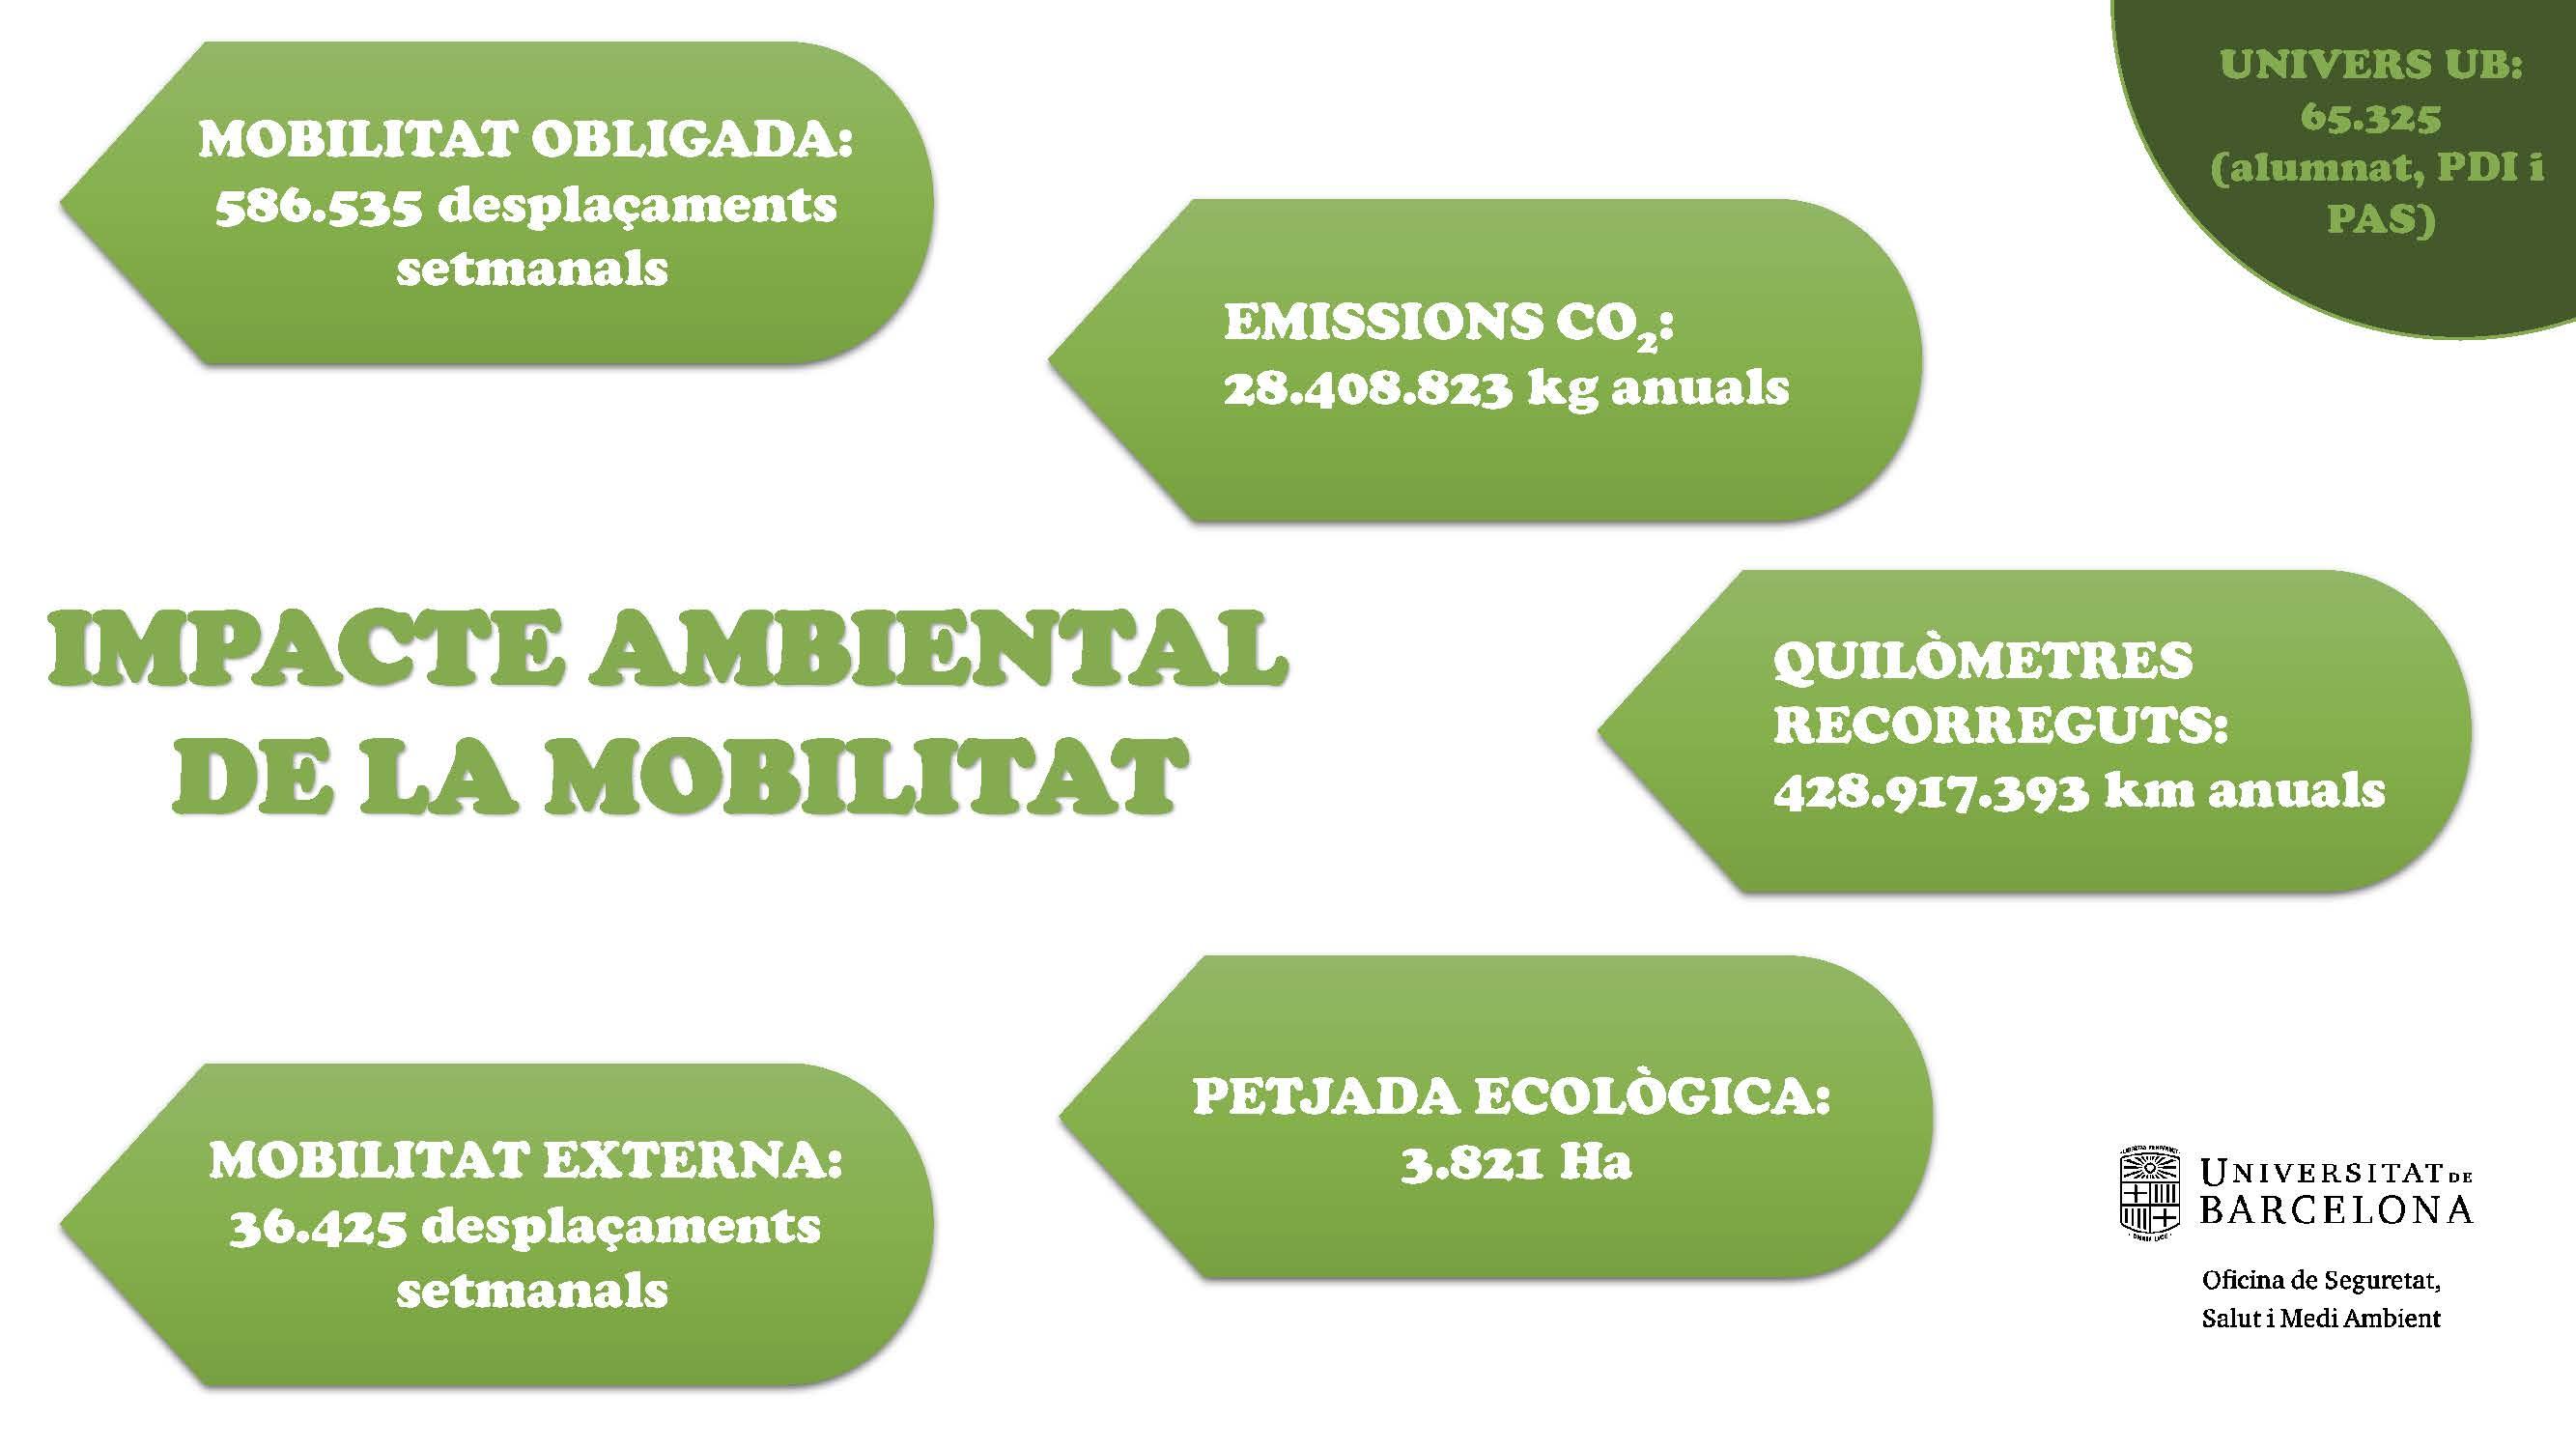 infografia sobre l impacte ambiental de la mobilitat